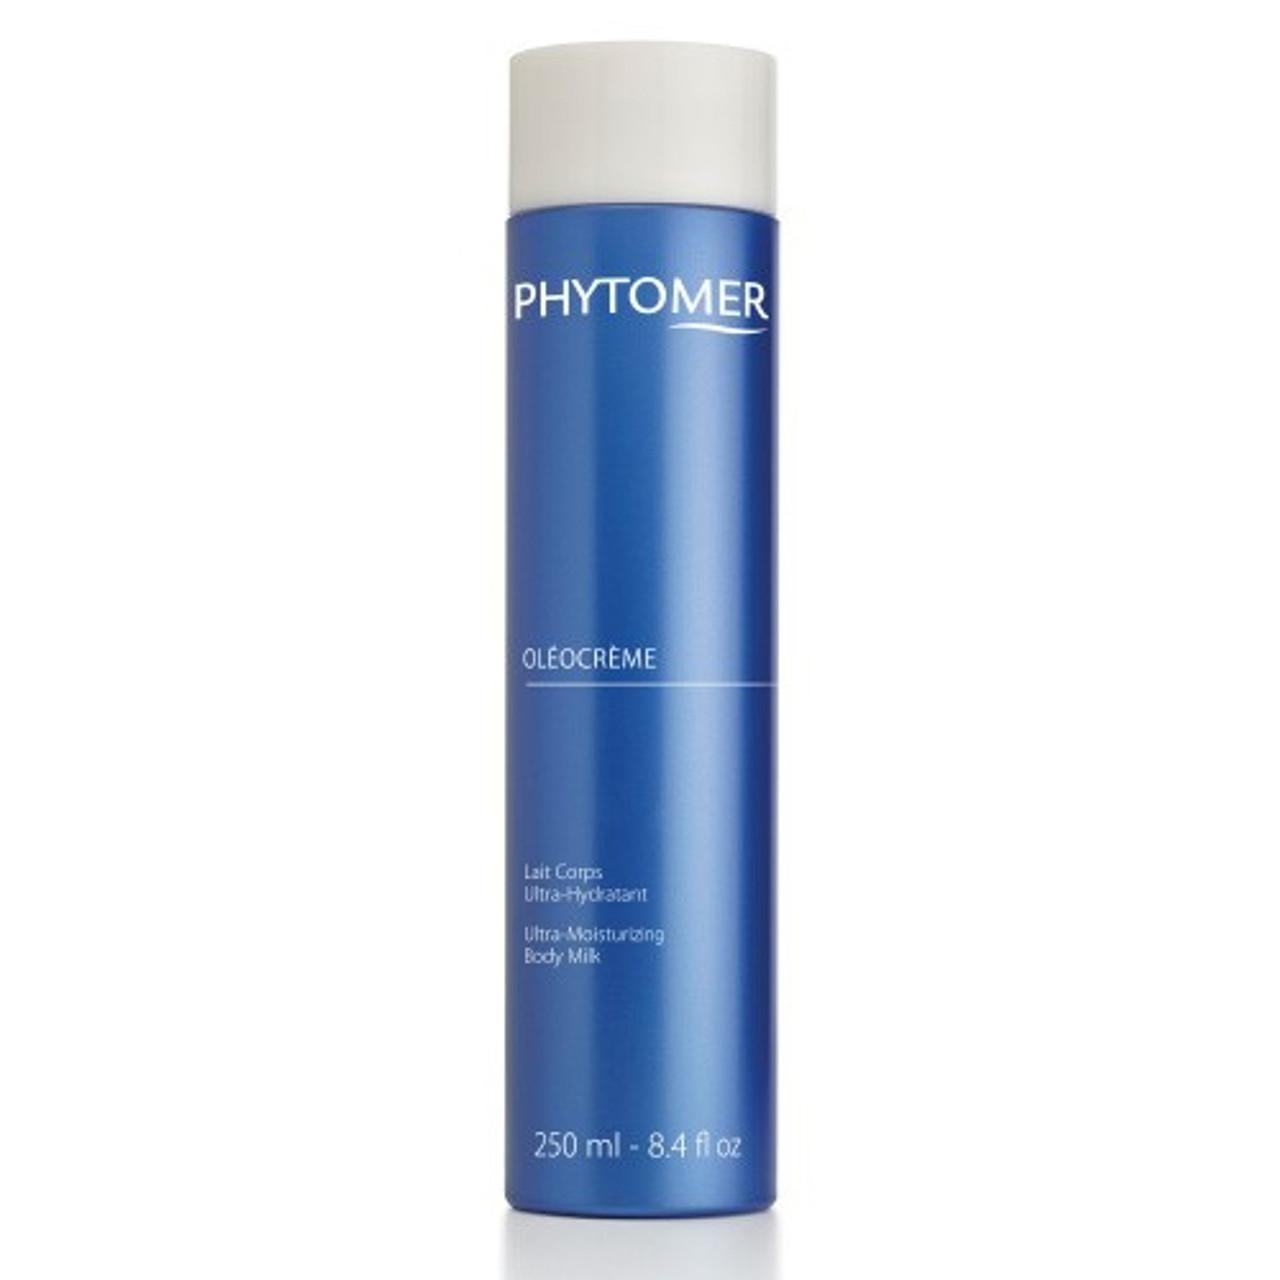 Phytomer Oleocreme Ultra-Moisturizing Body Milk